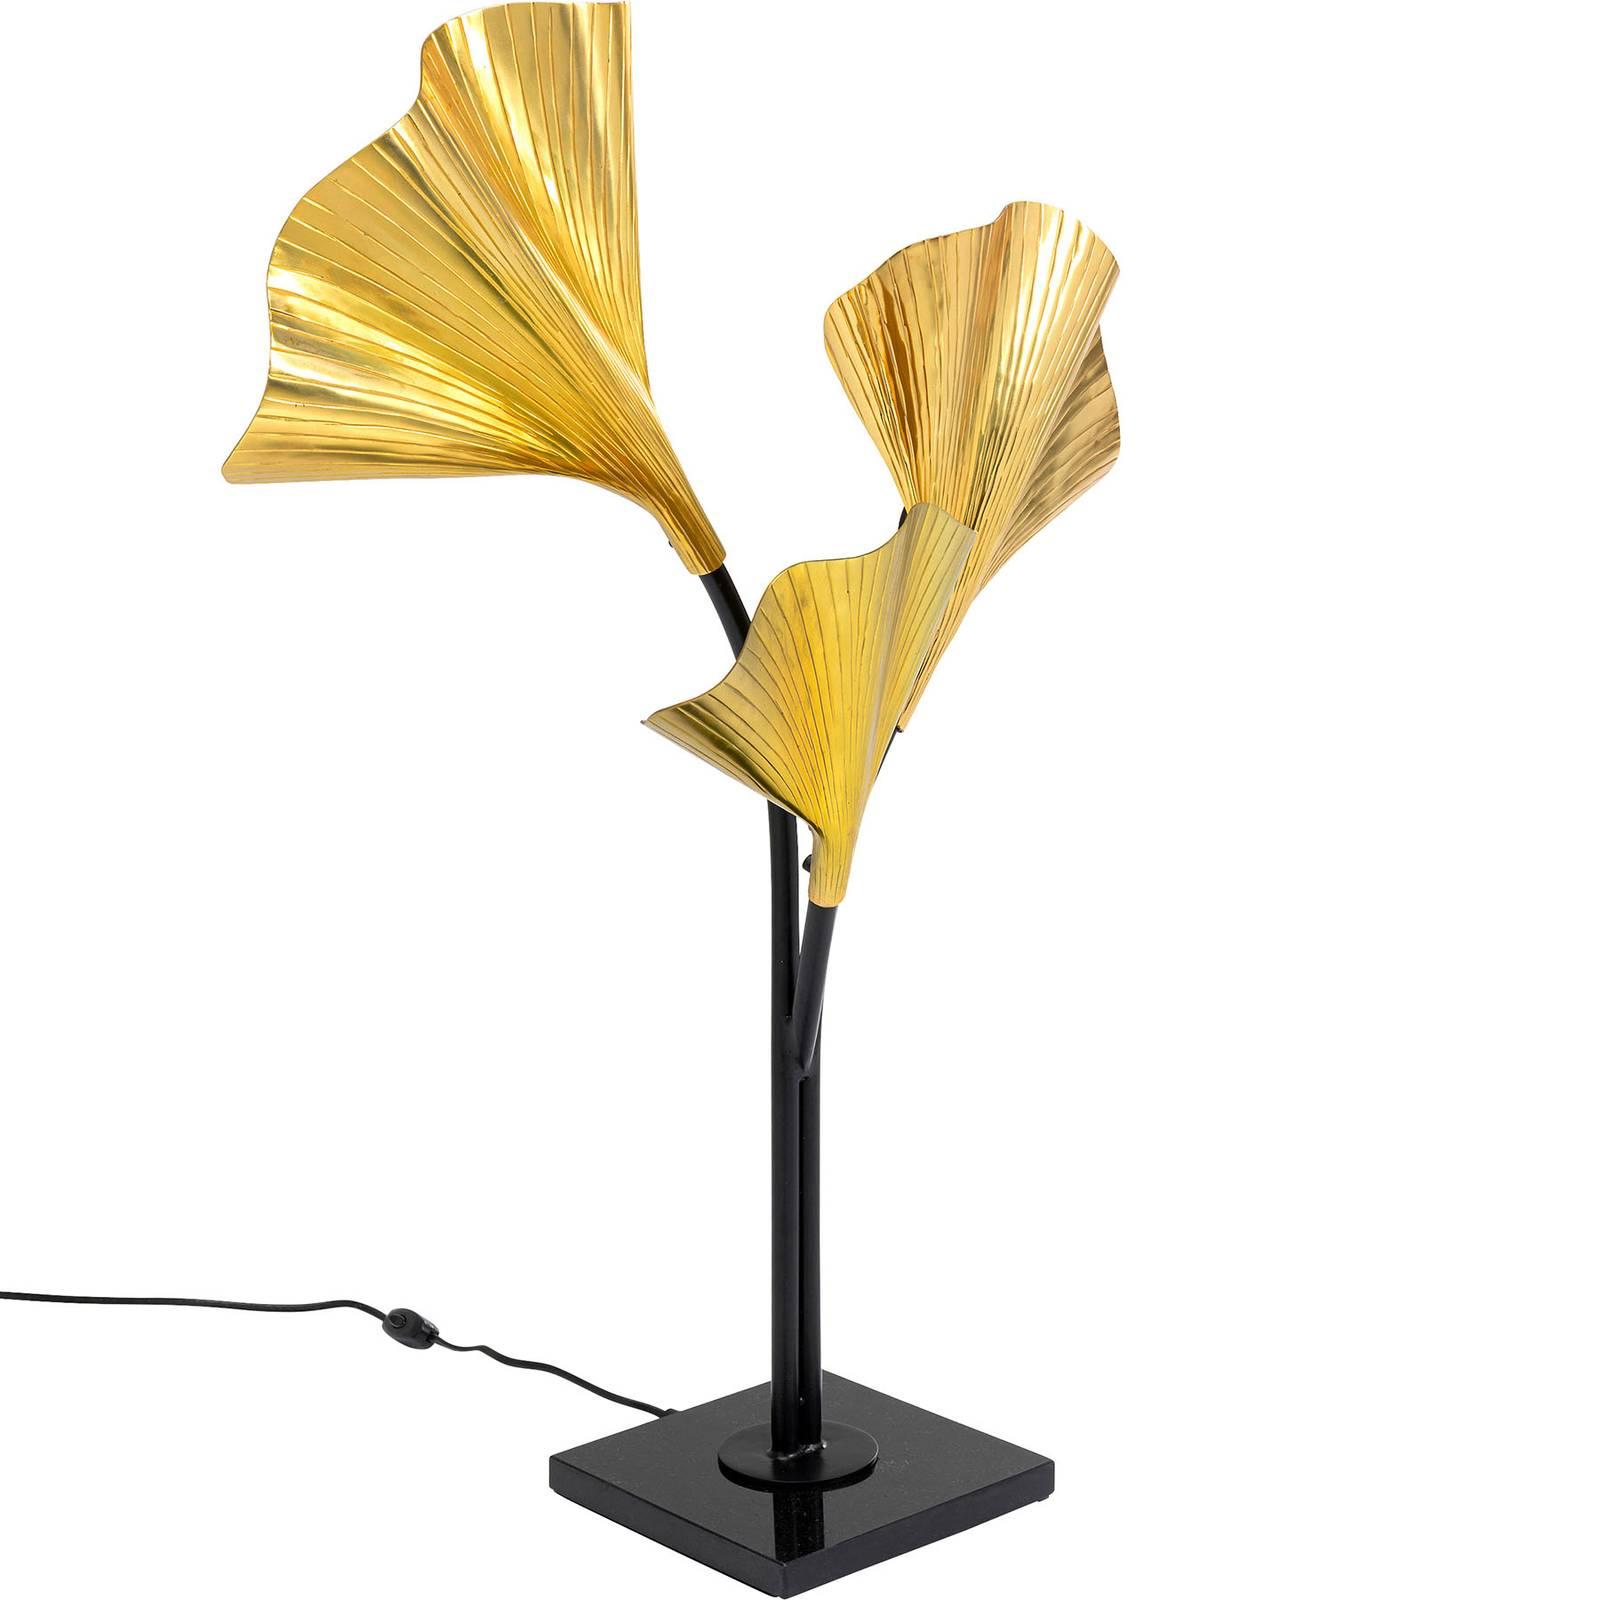 KARE Gingko Tre -pöytävalaisin, korkeus 83 cm